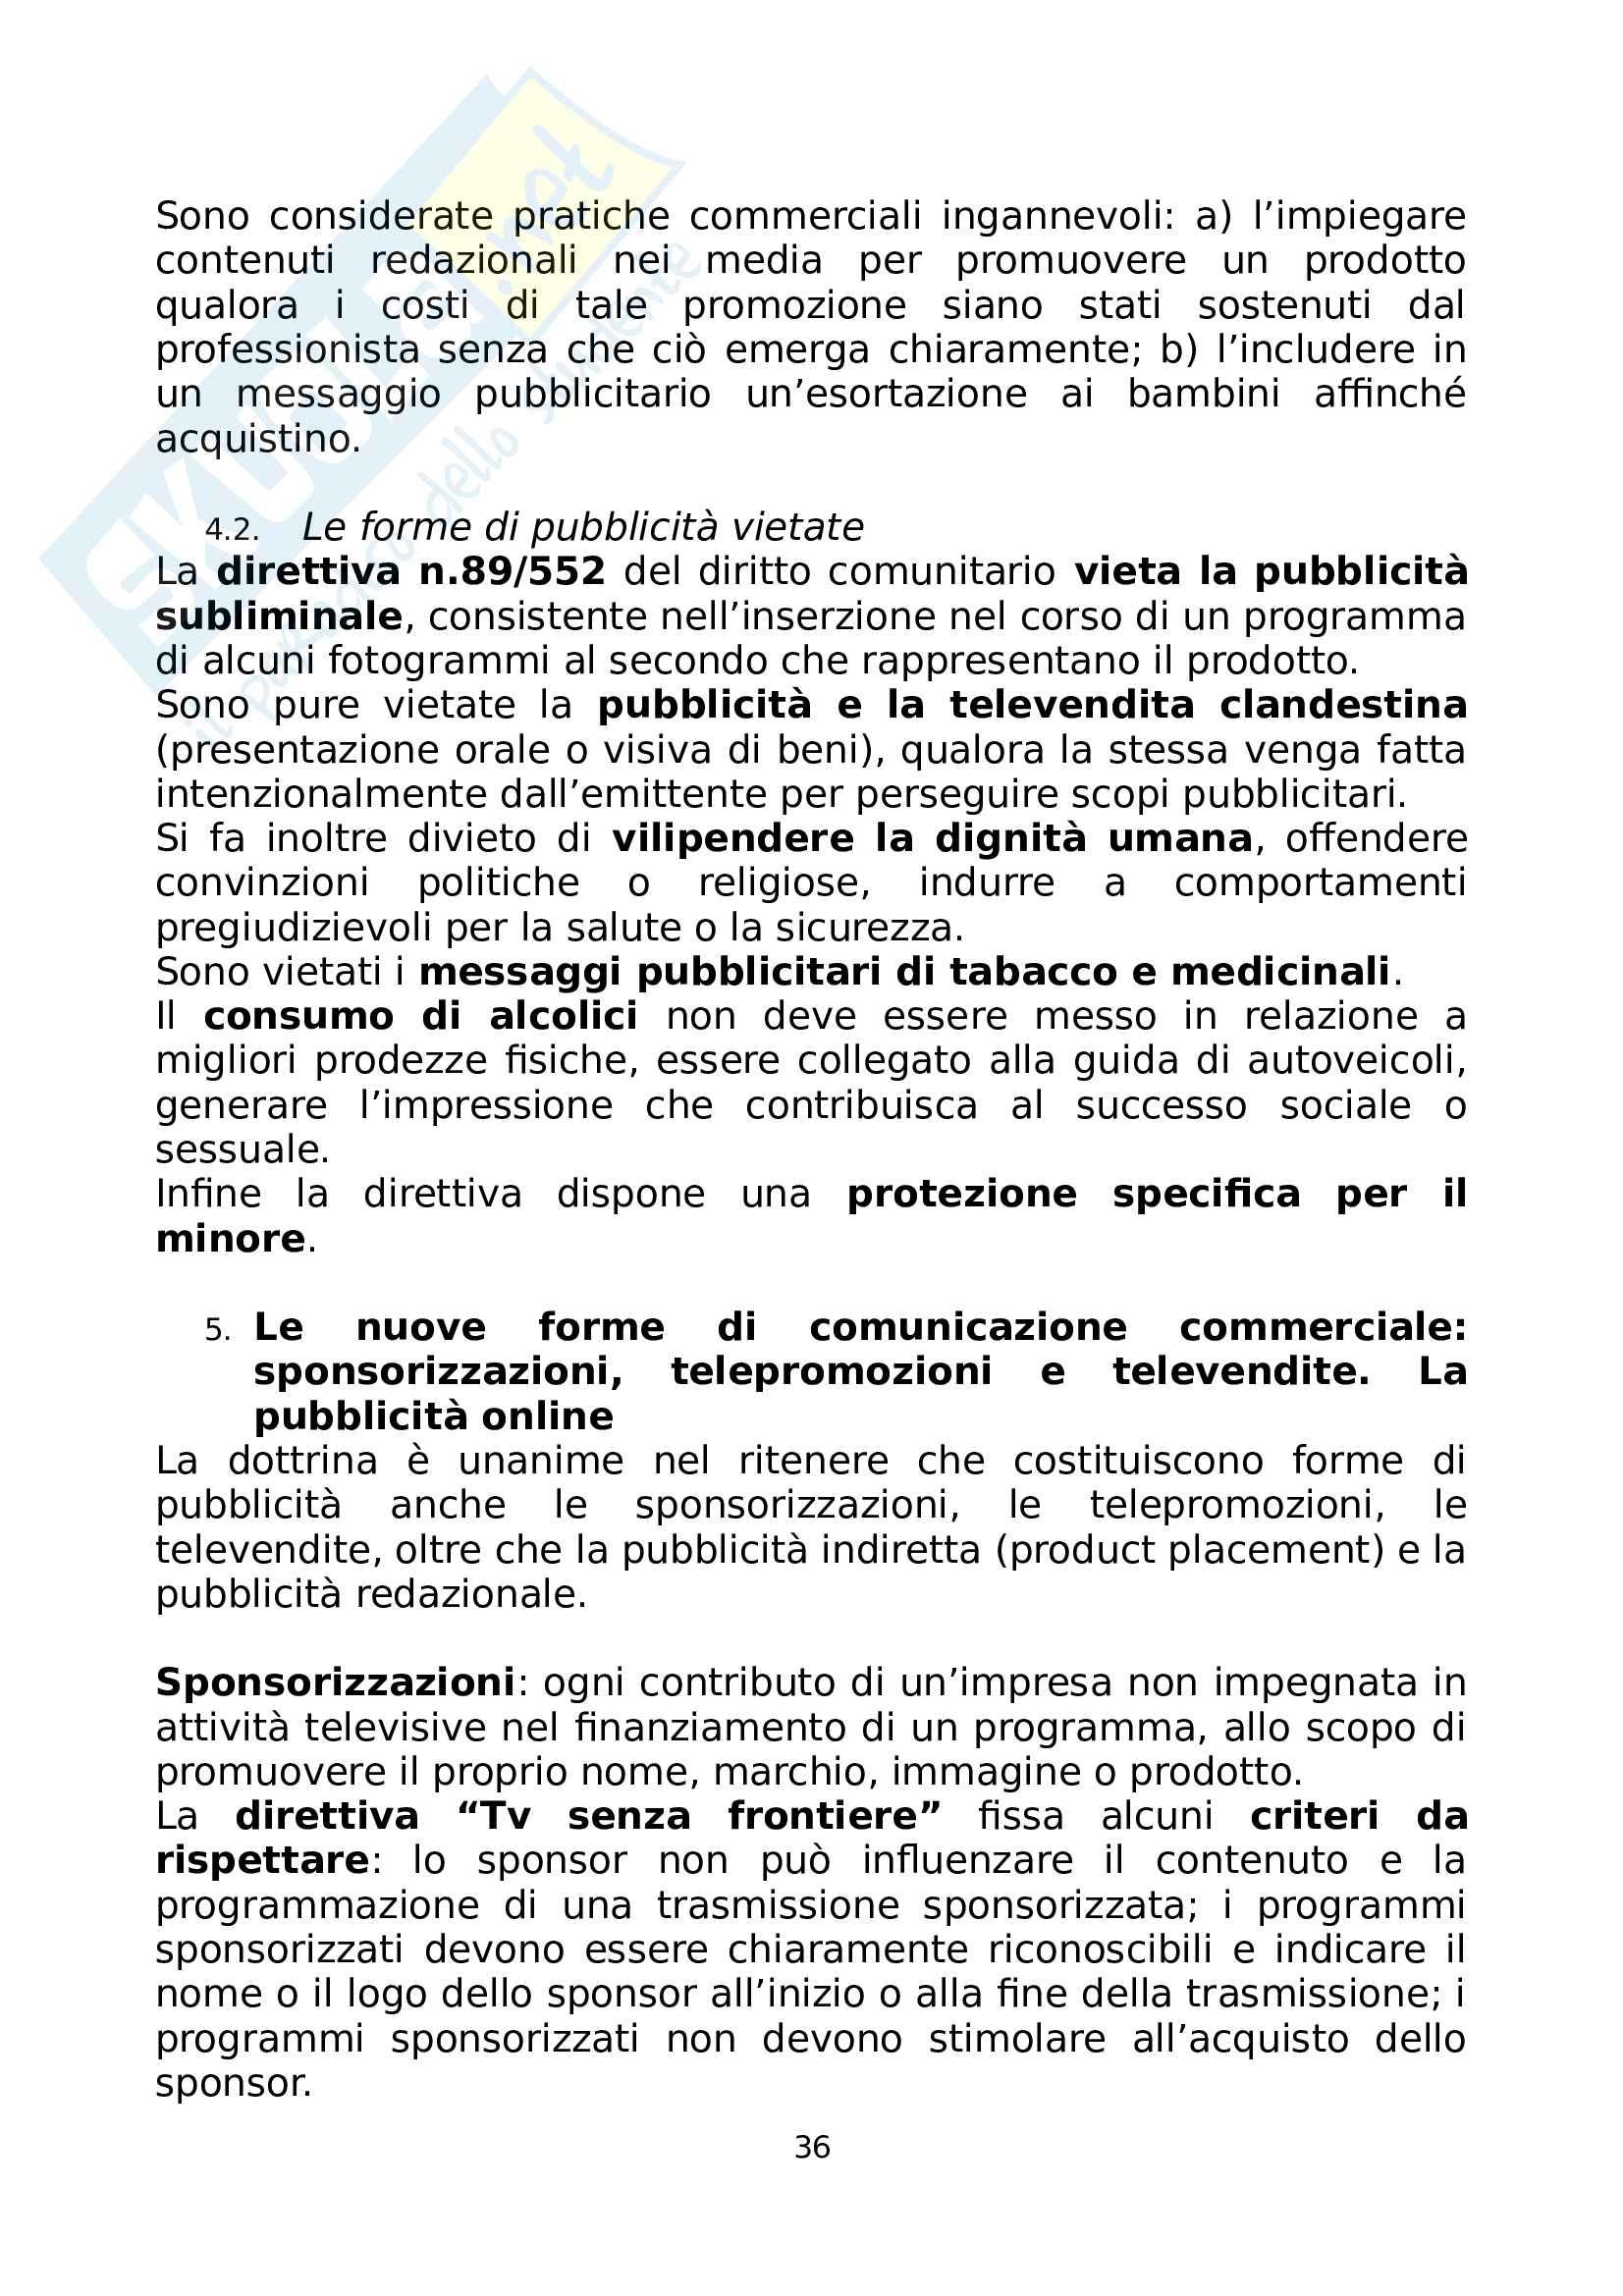 Riassunto esame Diritto dell'Informazione, prof. Migliazza, libro consigliato Profili di Diritto Europeo, Parisi Pag. 36